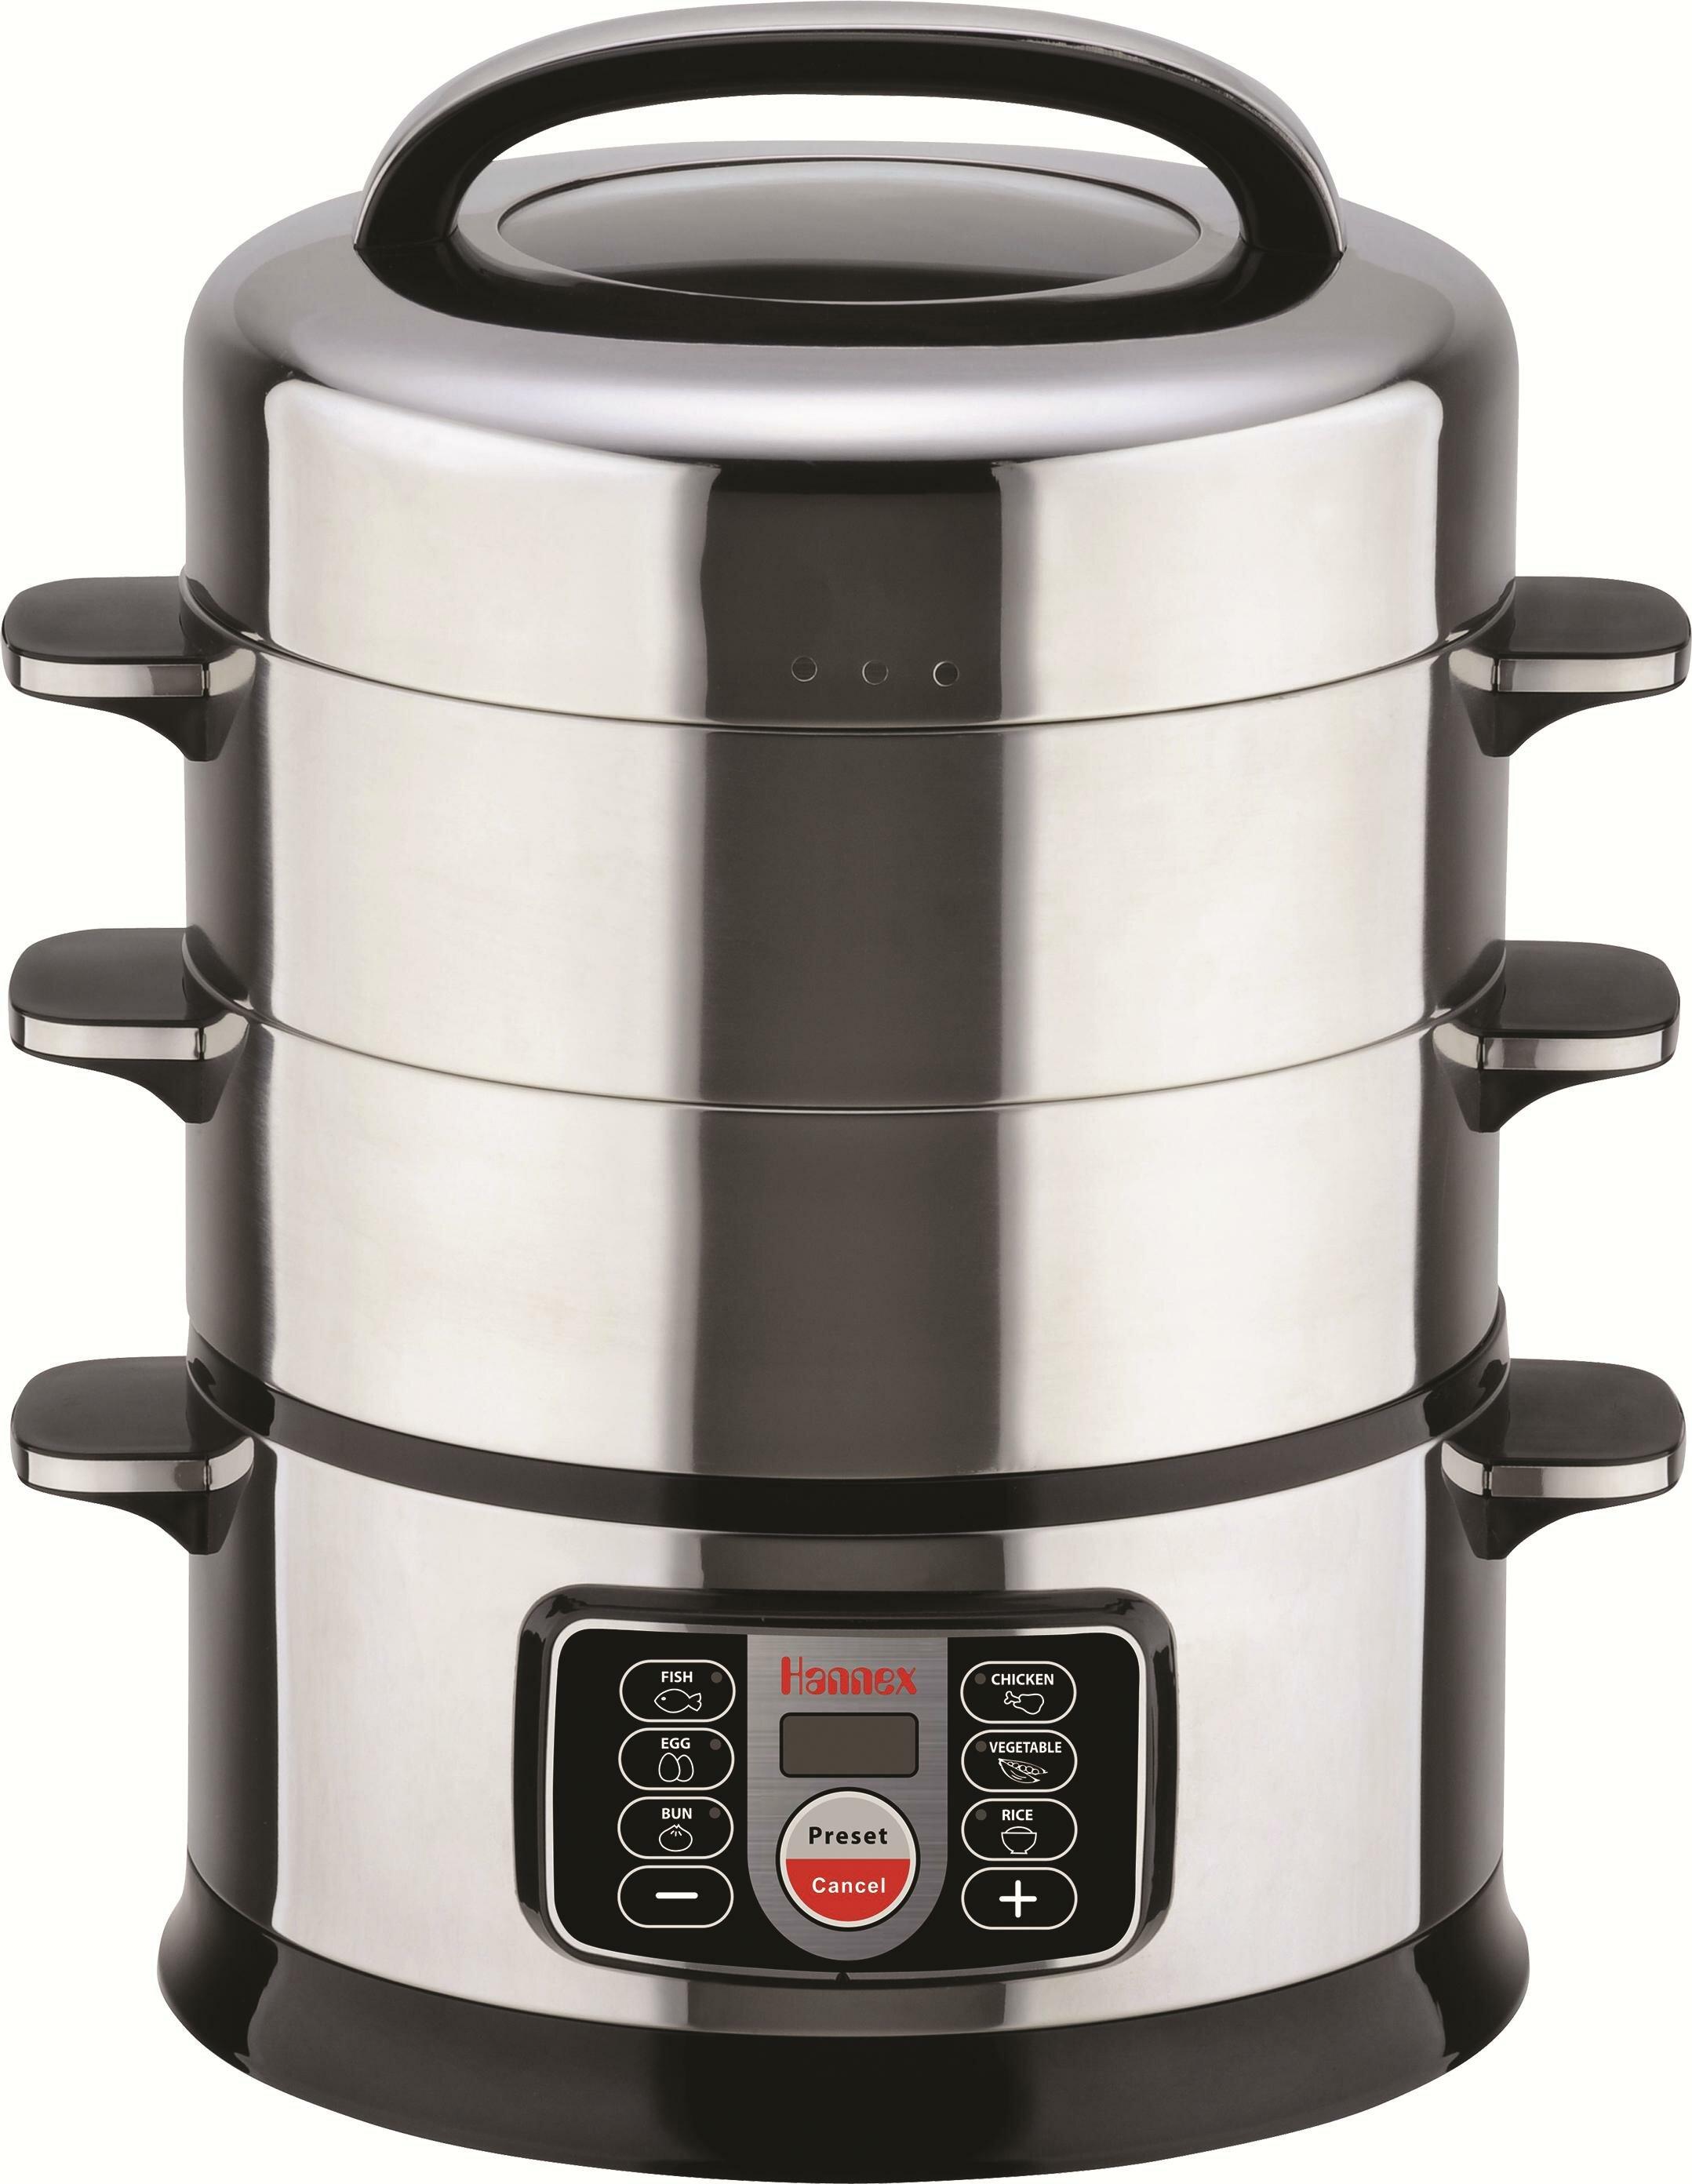 Merveilleux Hannex 17 Qt. 2 Tier Electric Food Steamer | Wayfair